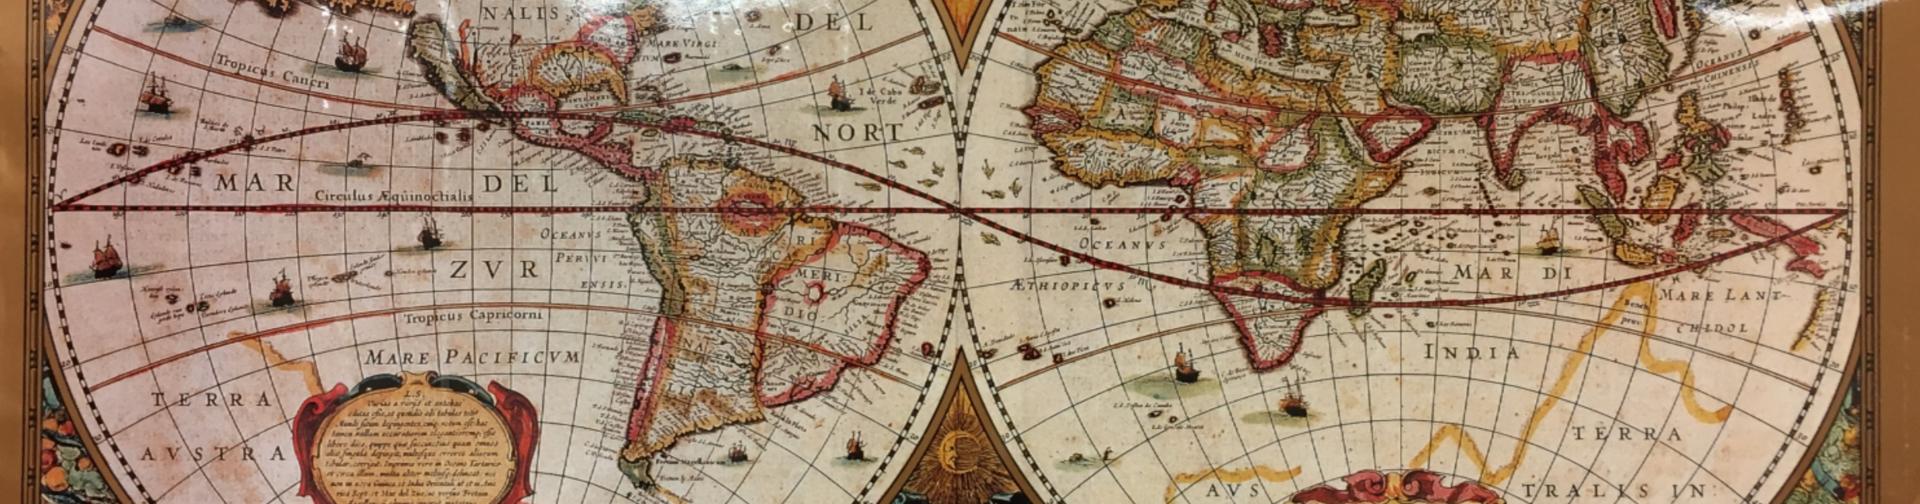 Map long